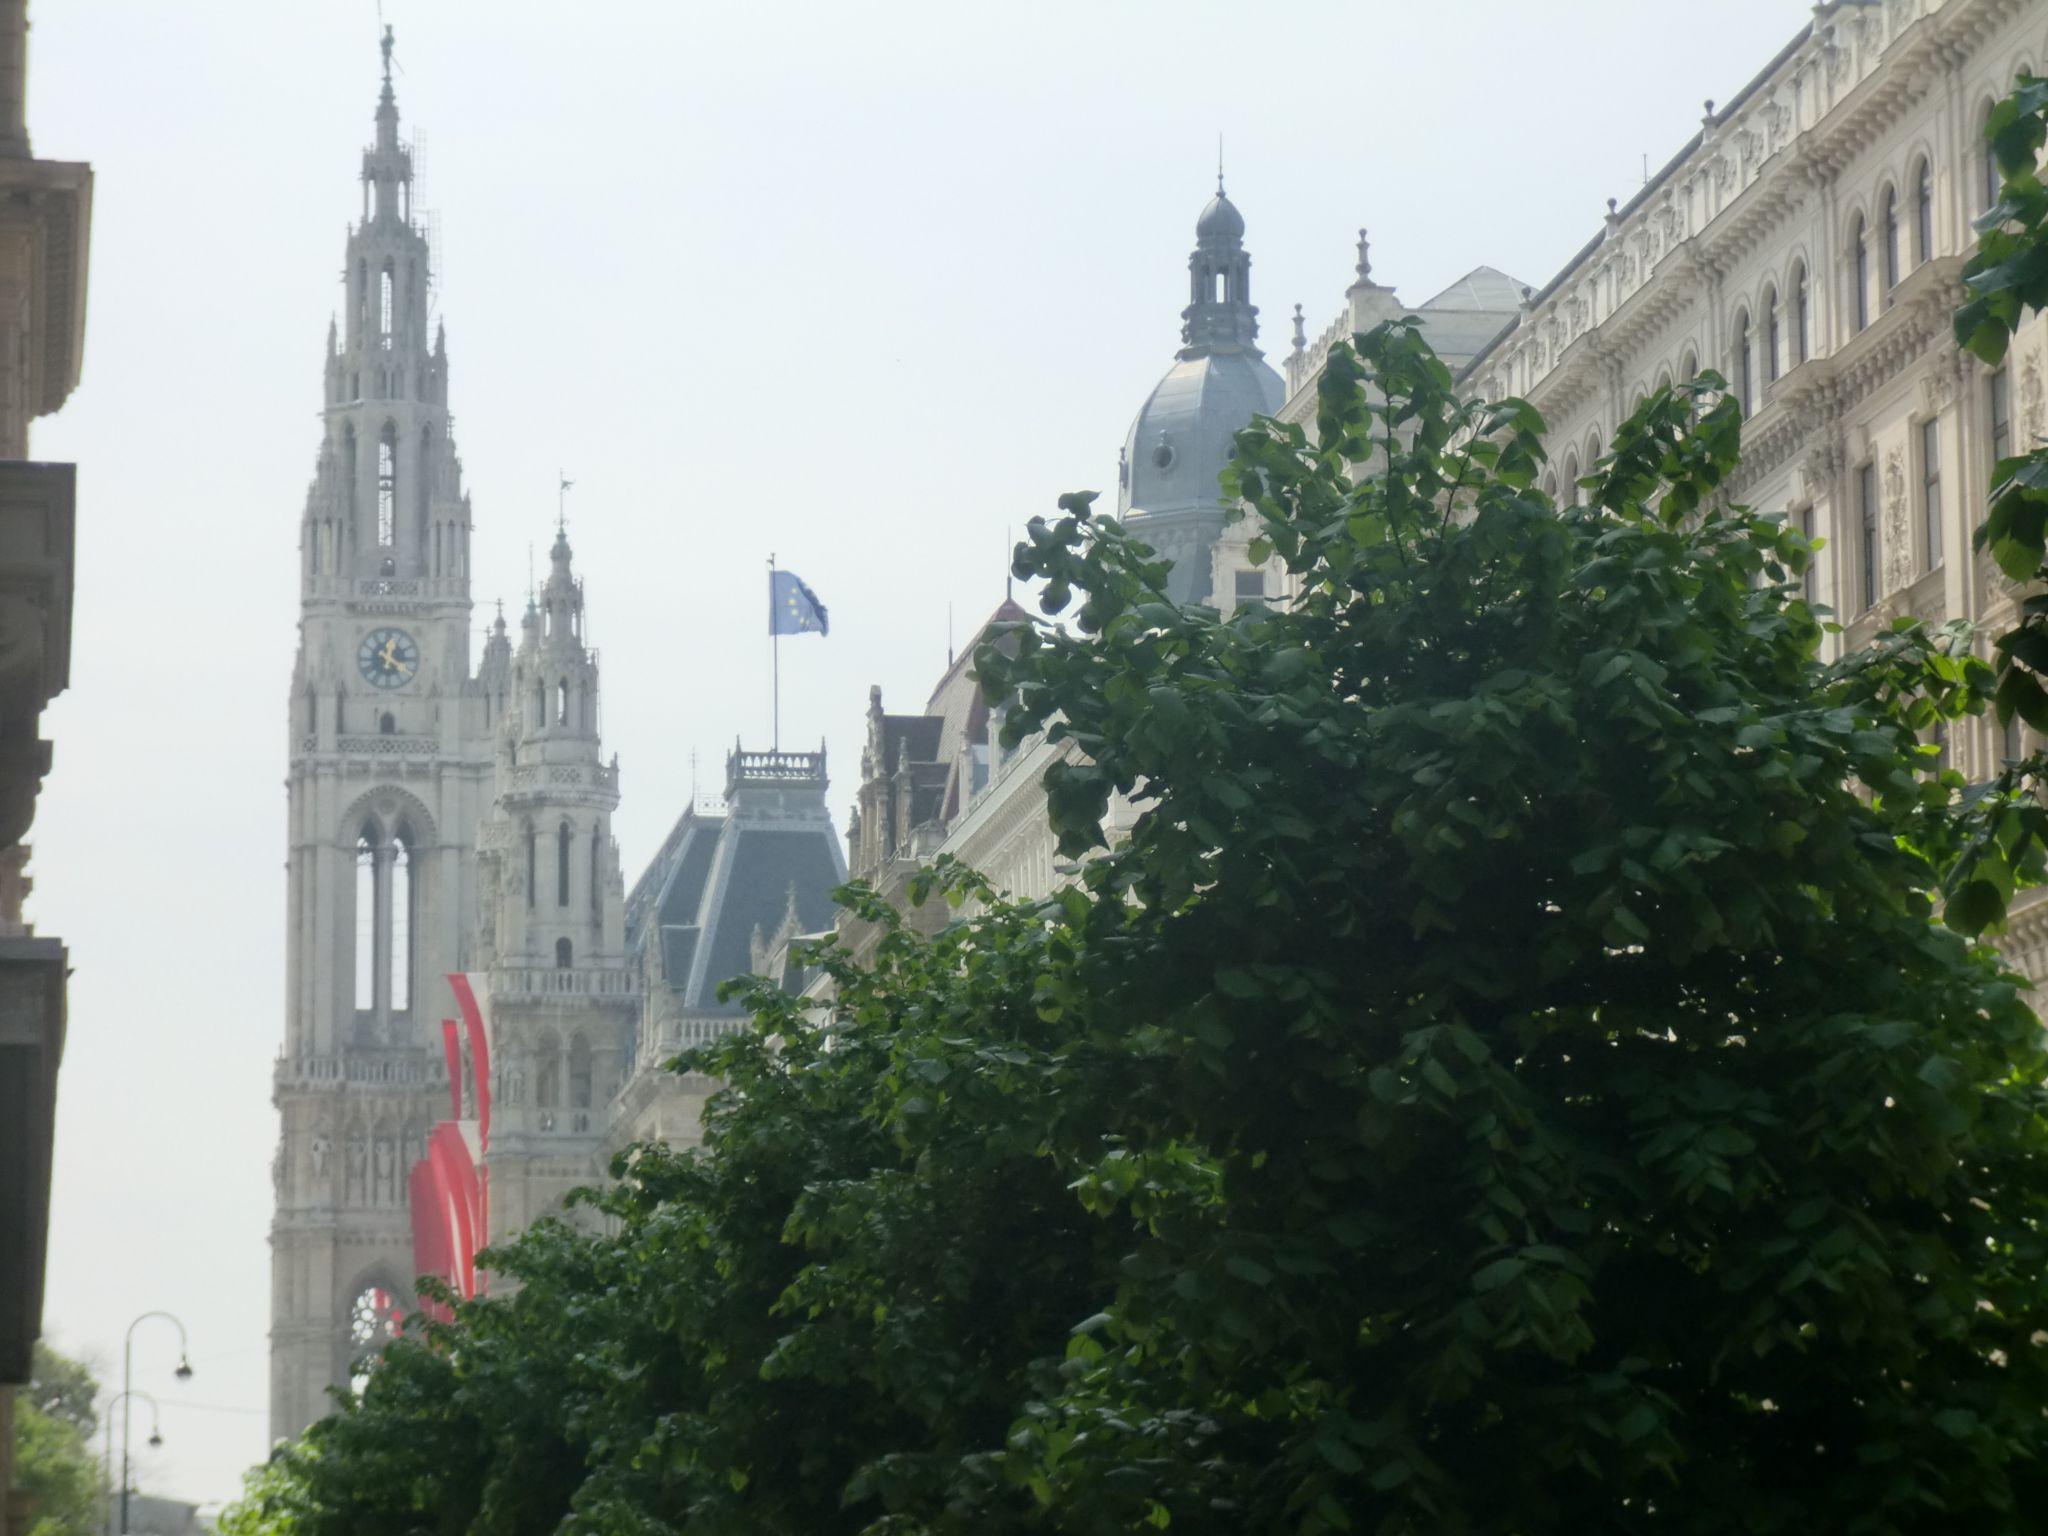 Vienna cathedral 26 1440x1080 - Vienna: elegant beauty